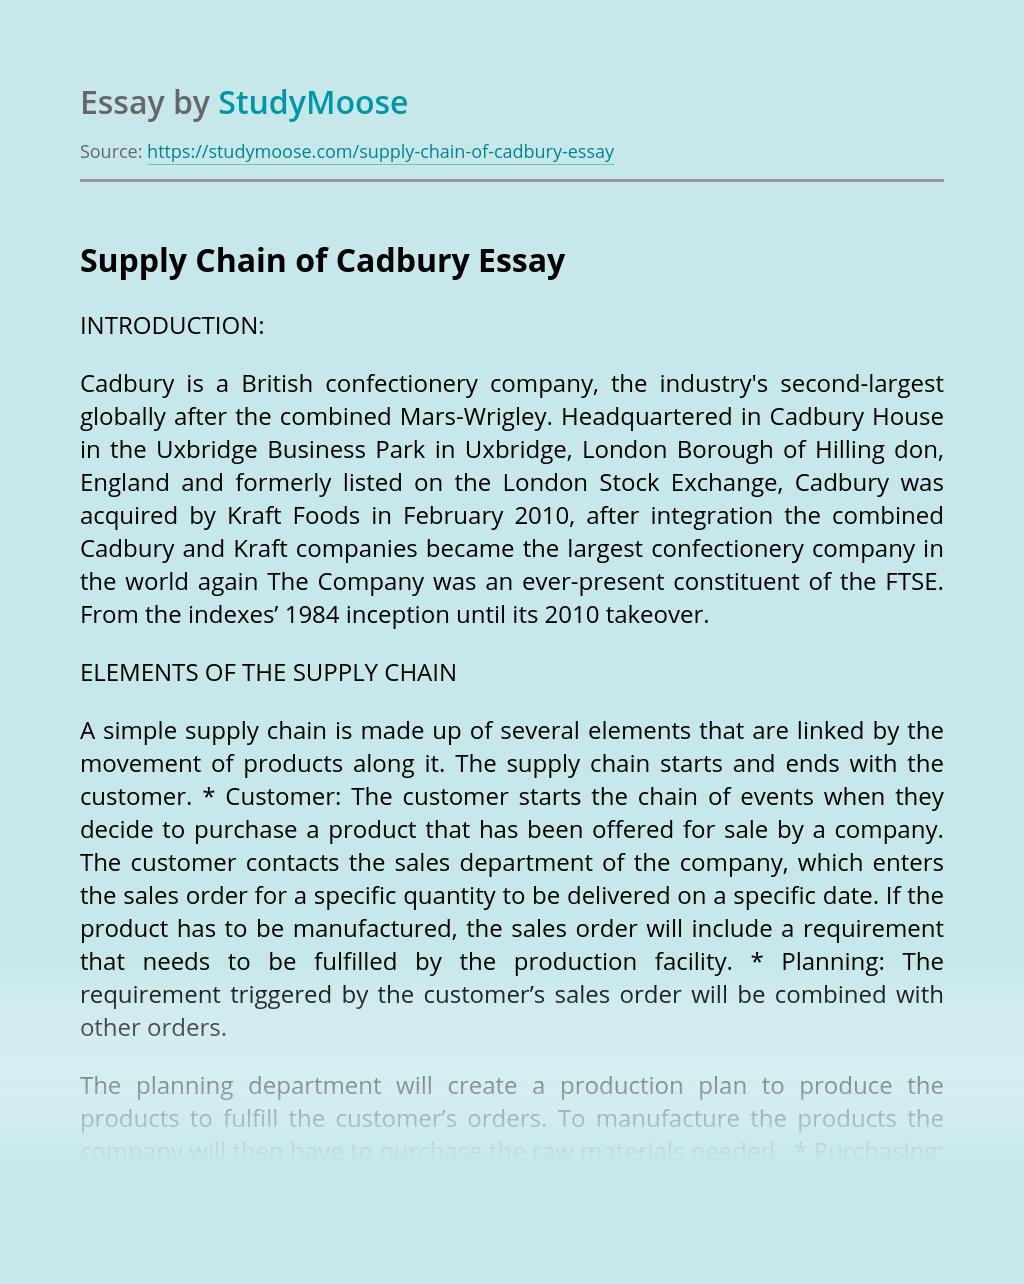 Supply Chain of Cadbury